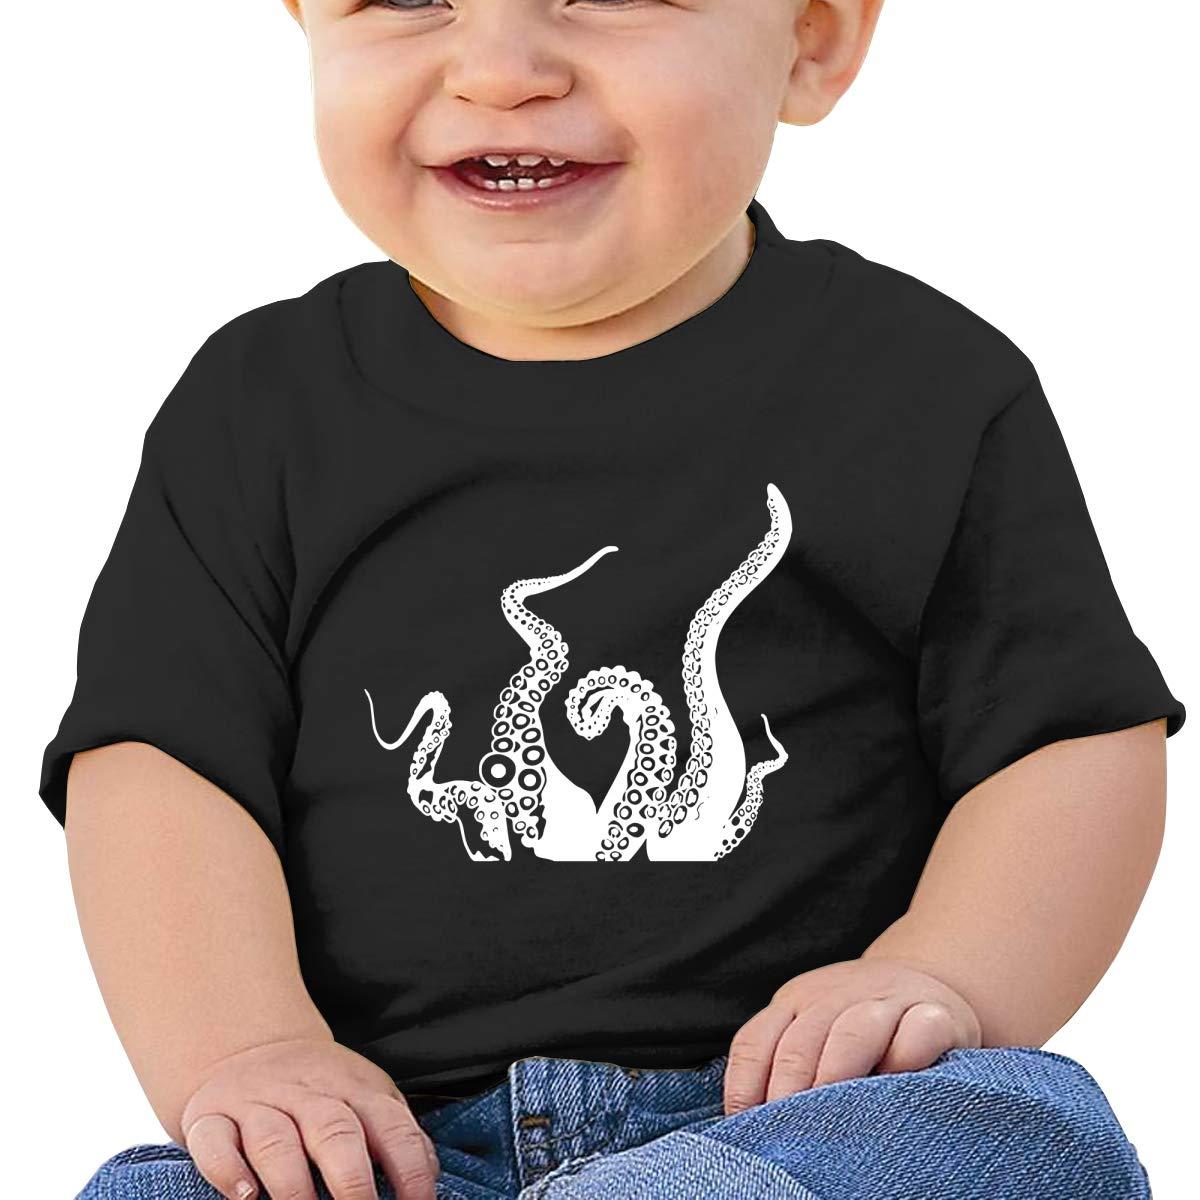 ZUGFGF-S3 Octopus1 Boy Girl Newborn Short Sleeve T-Shirt 6-24 Month Cotton Tops